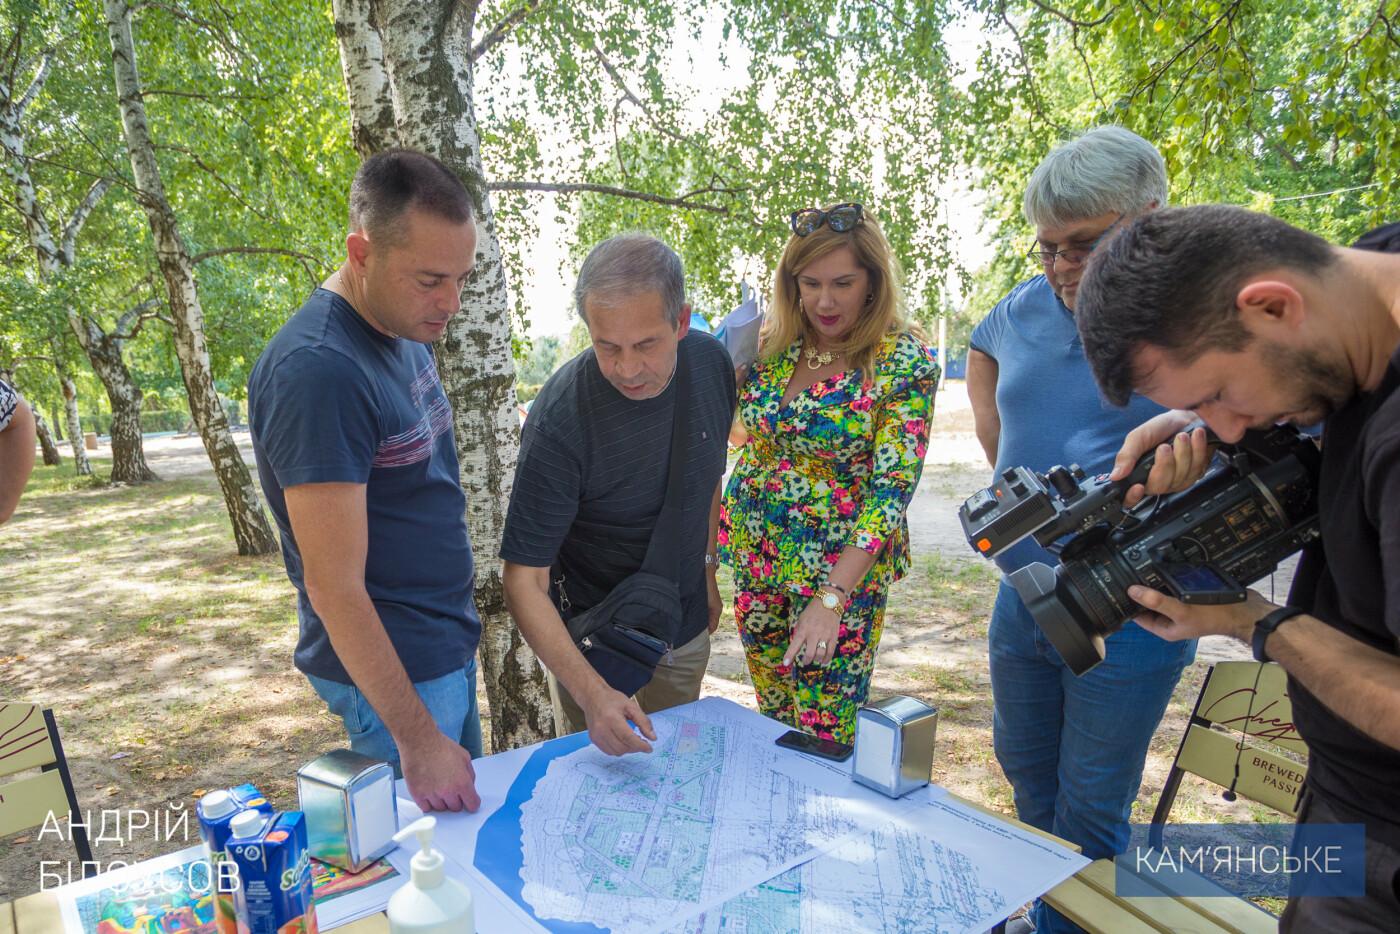 Новые аттракционы, тротуарная плитка и площадки: в Левобережном парке Каменского началась реконструкция, фото-5